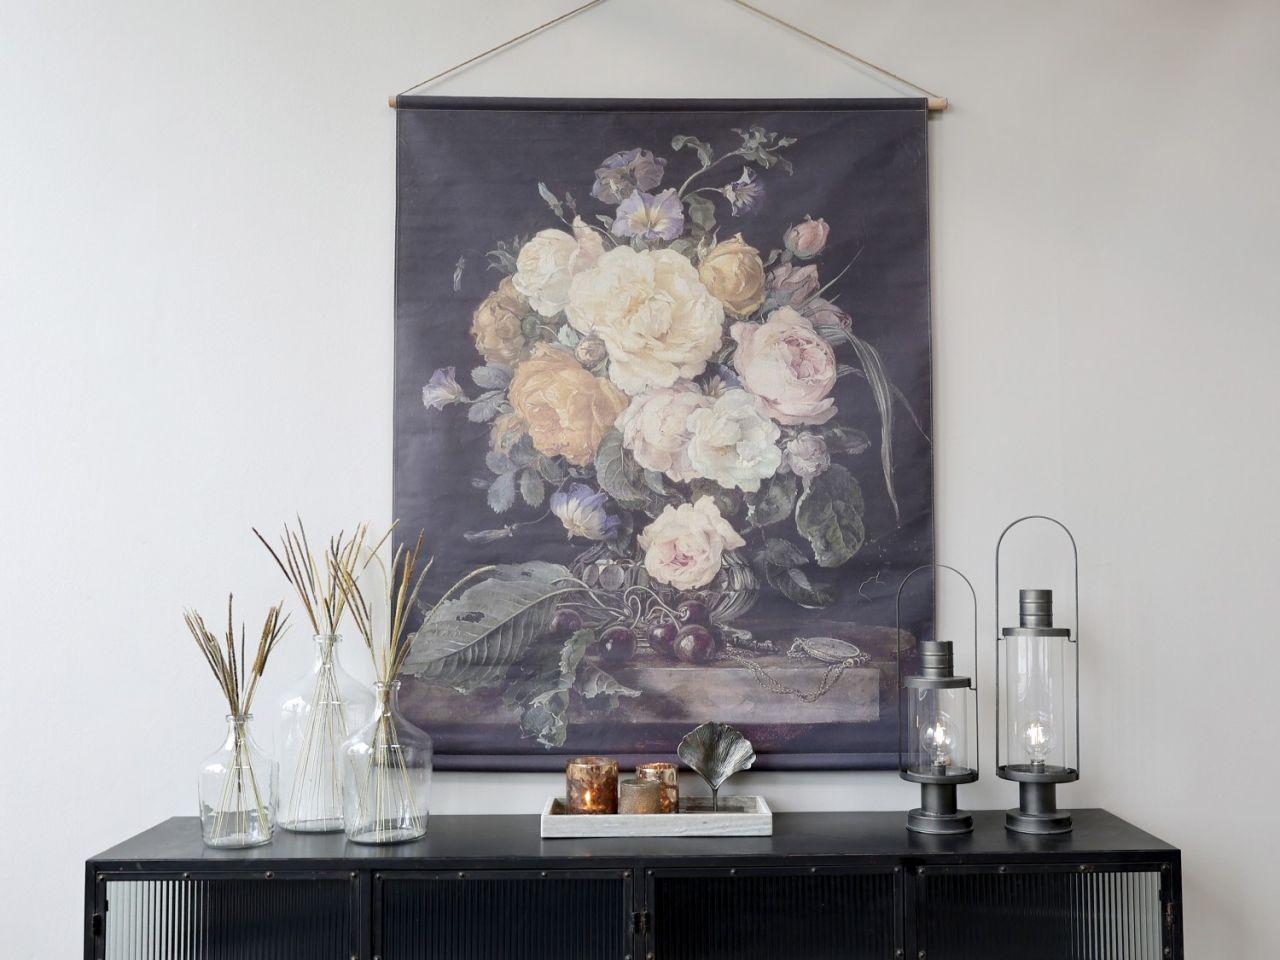 -Leinwandbild zum Aufhängen mit Blumendruck Variante 2g von Chic Antique-